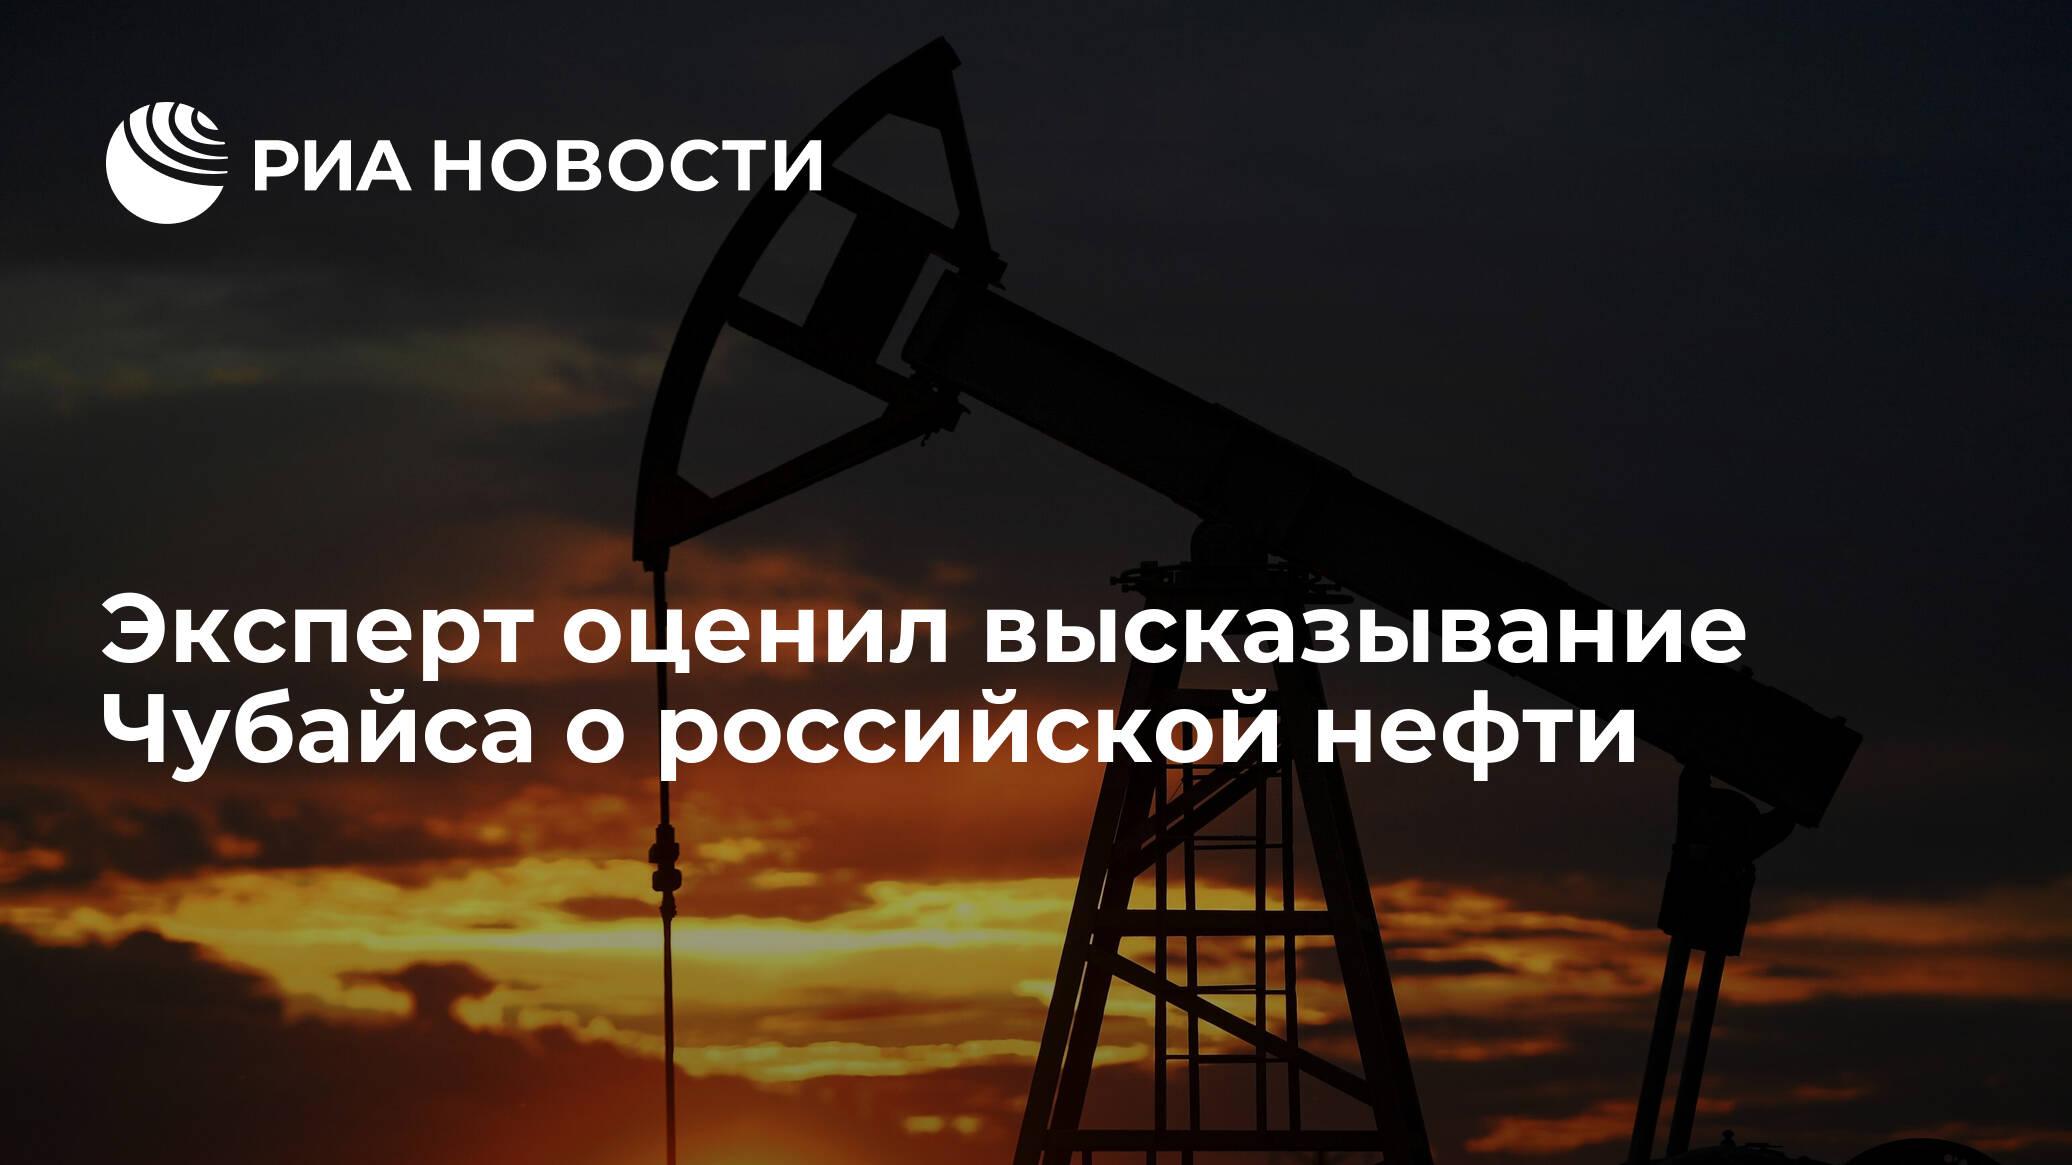 Эксперт оценил высказывание Чубайса о российской нефти - РИА НОВОСТИ